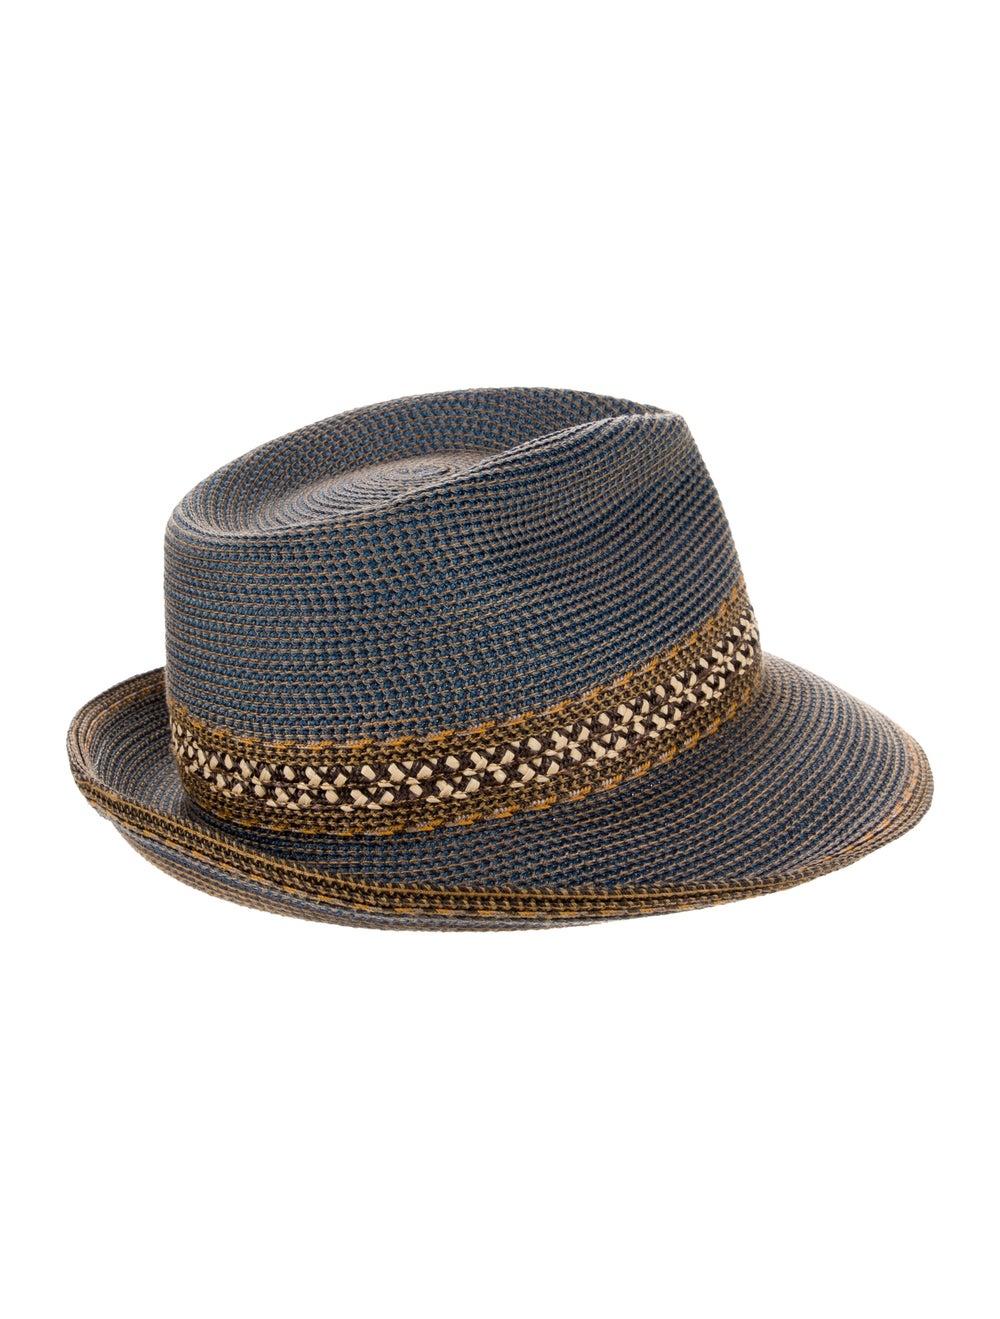 Eric Javits Straw Fedora Hat Blue - image 2